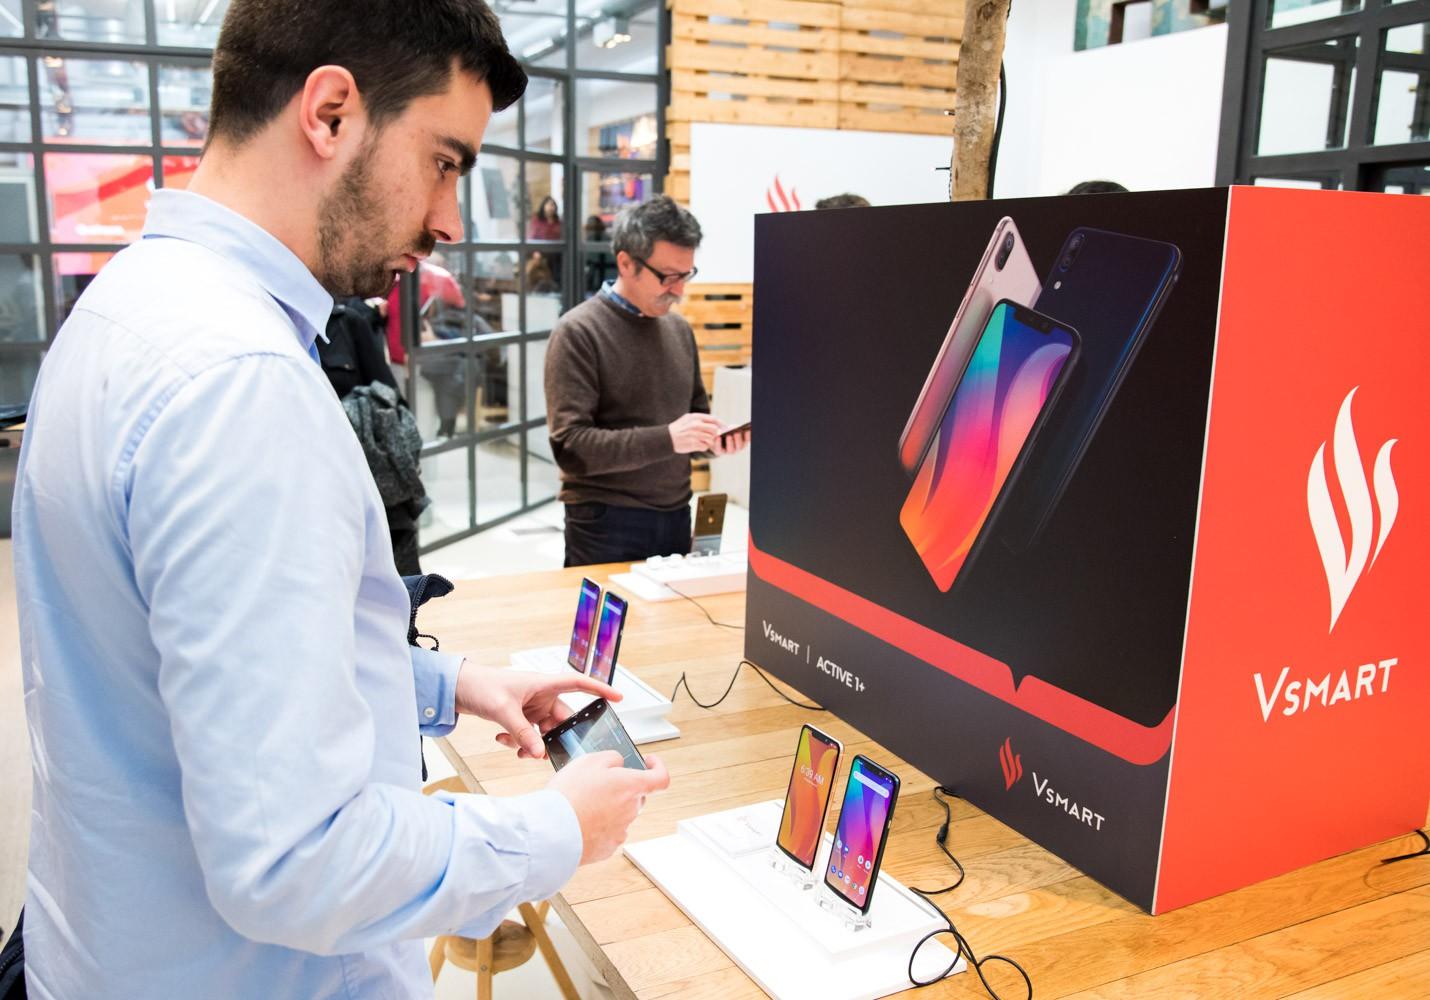 Điện thoại Vsmart chính thức ra mắt tại thị trường Tây Ban Nha, phân phối trên gần 90 cửa hàng - Ảnh 2.